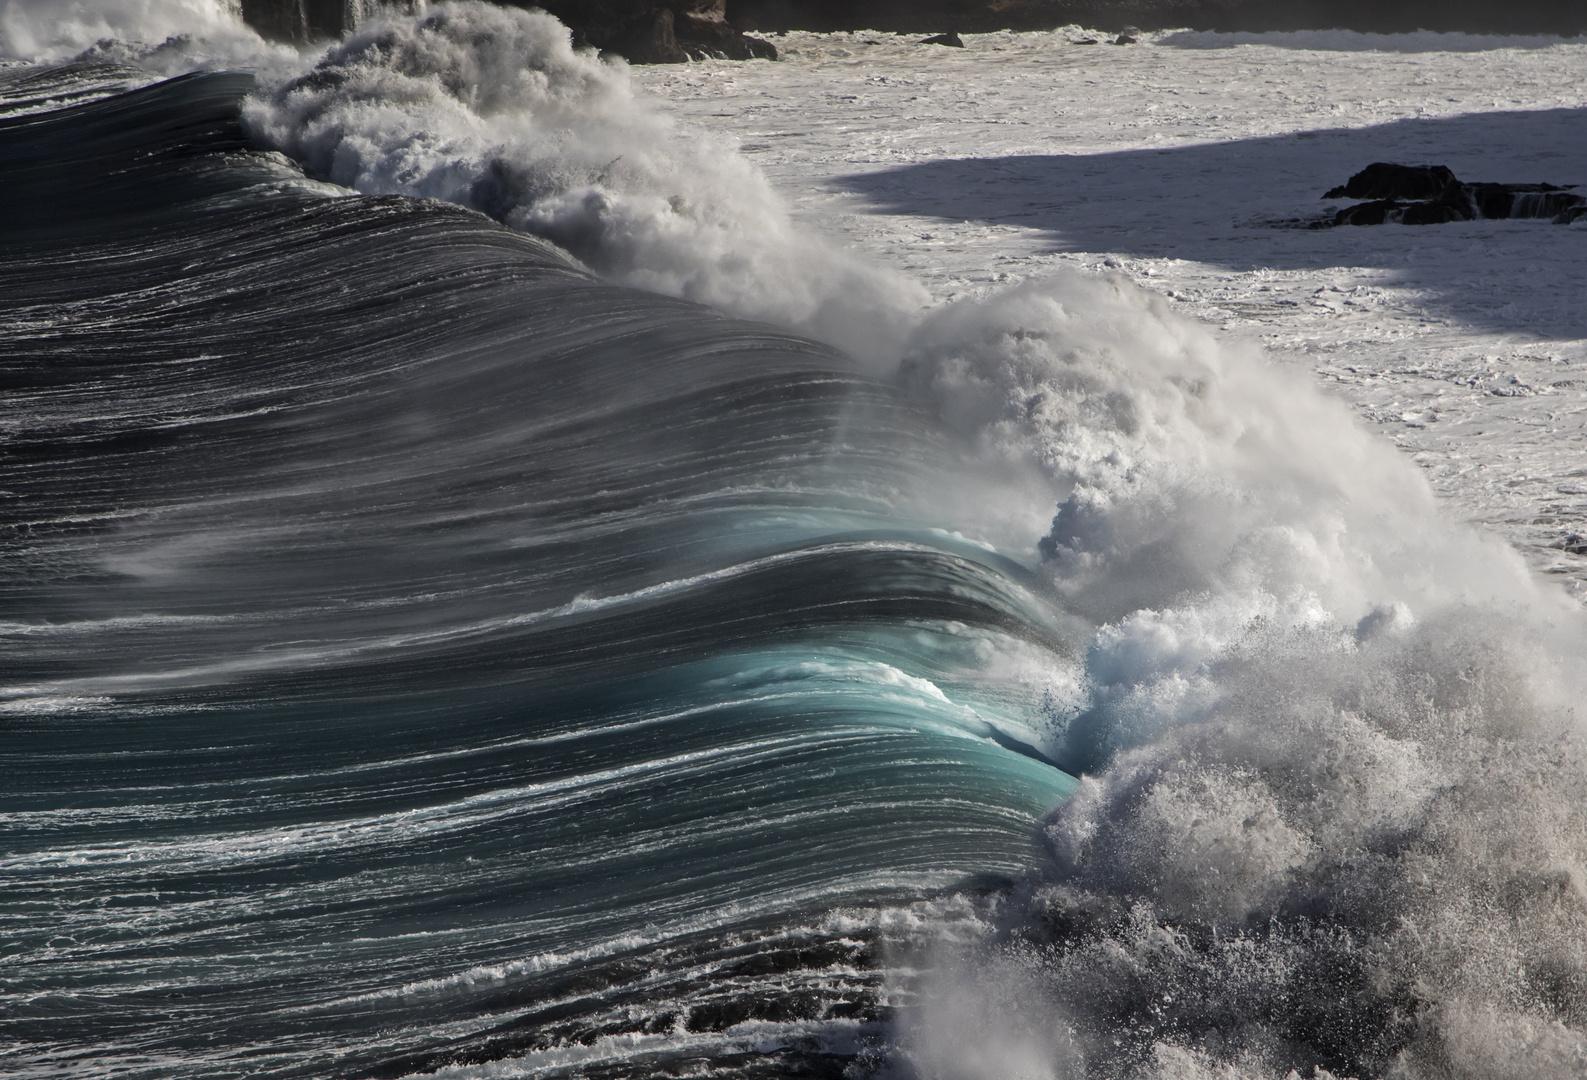 Die Welle Kostenlos Anschauen